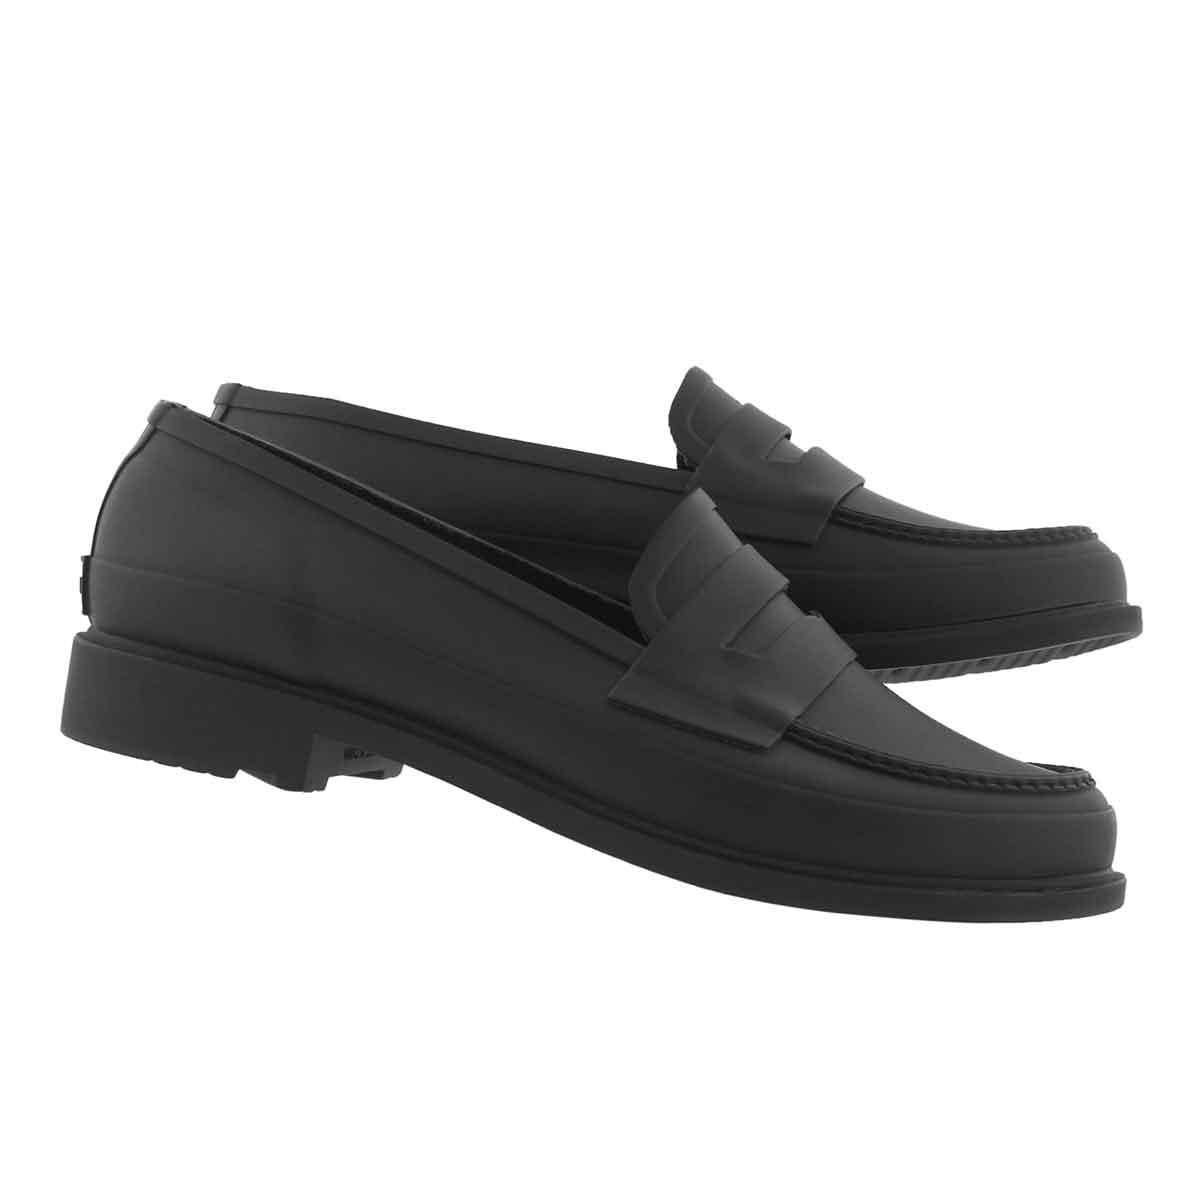 Lds Refined Loafer Matte blk shoe